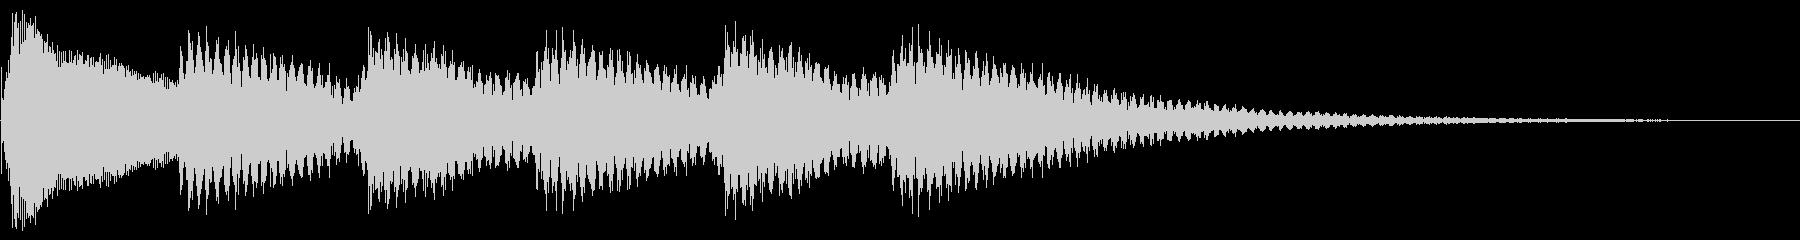 正解 ピンポンの未再生の波形